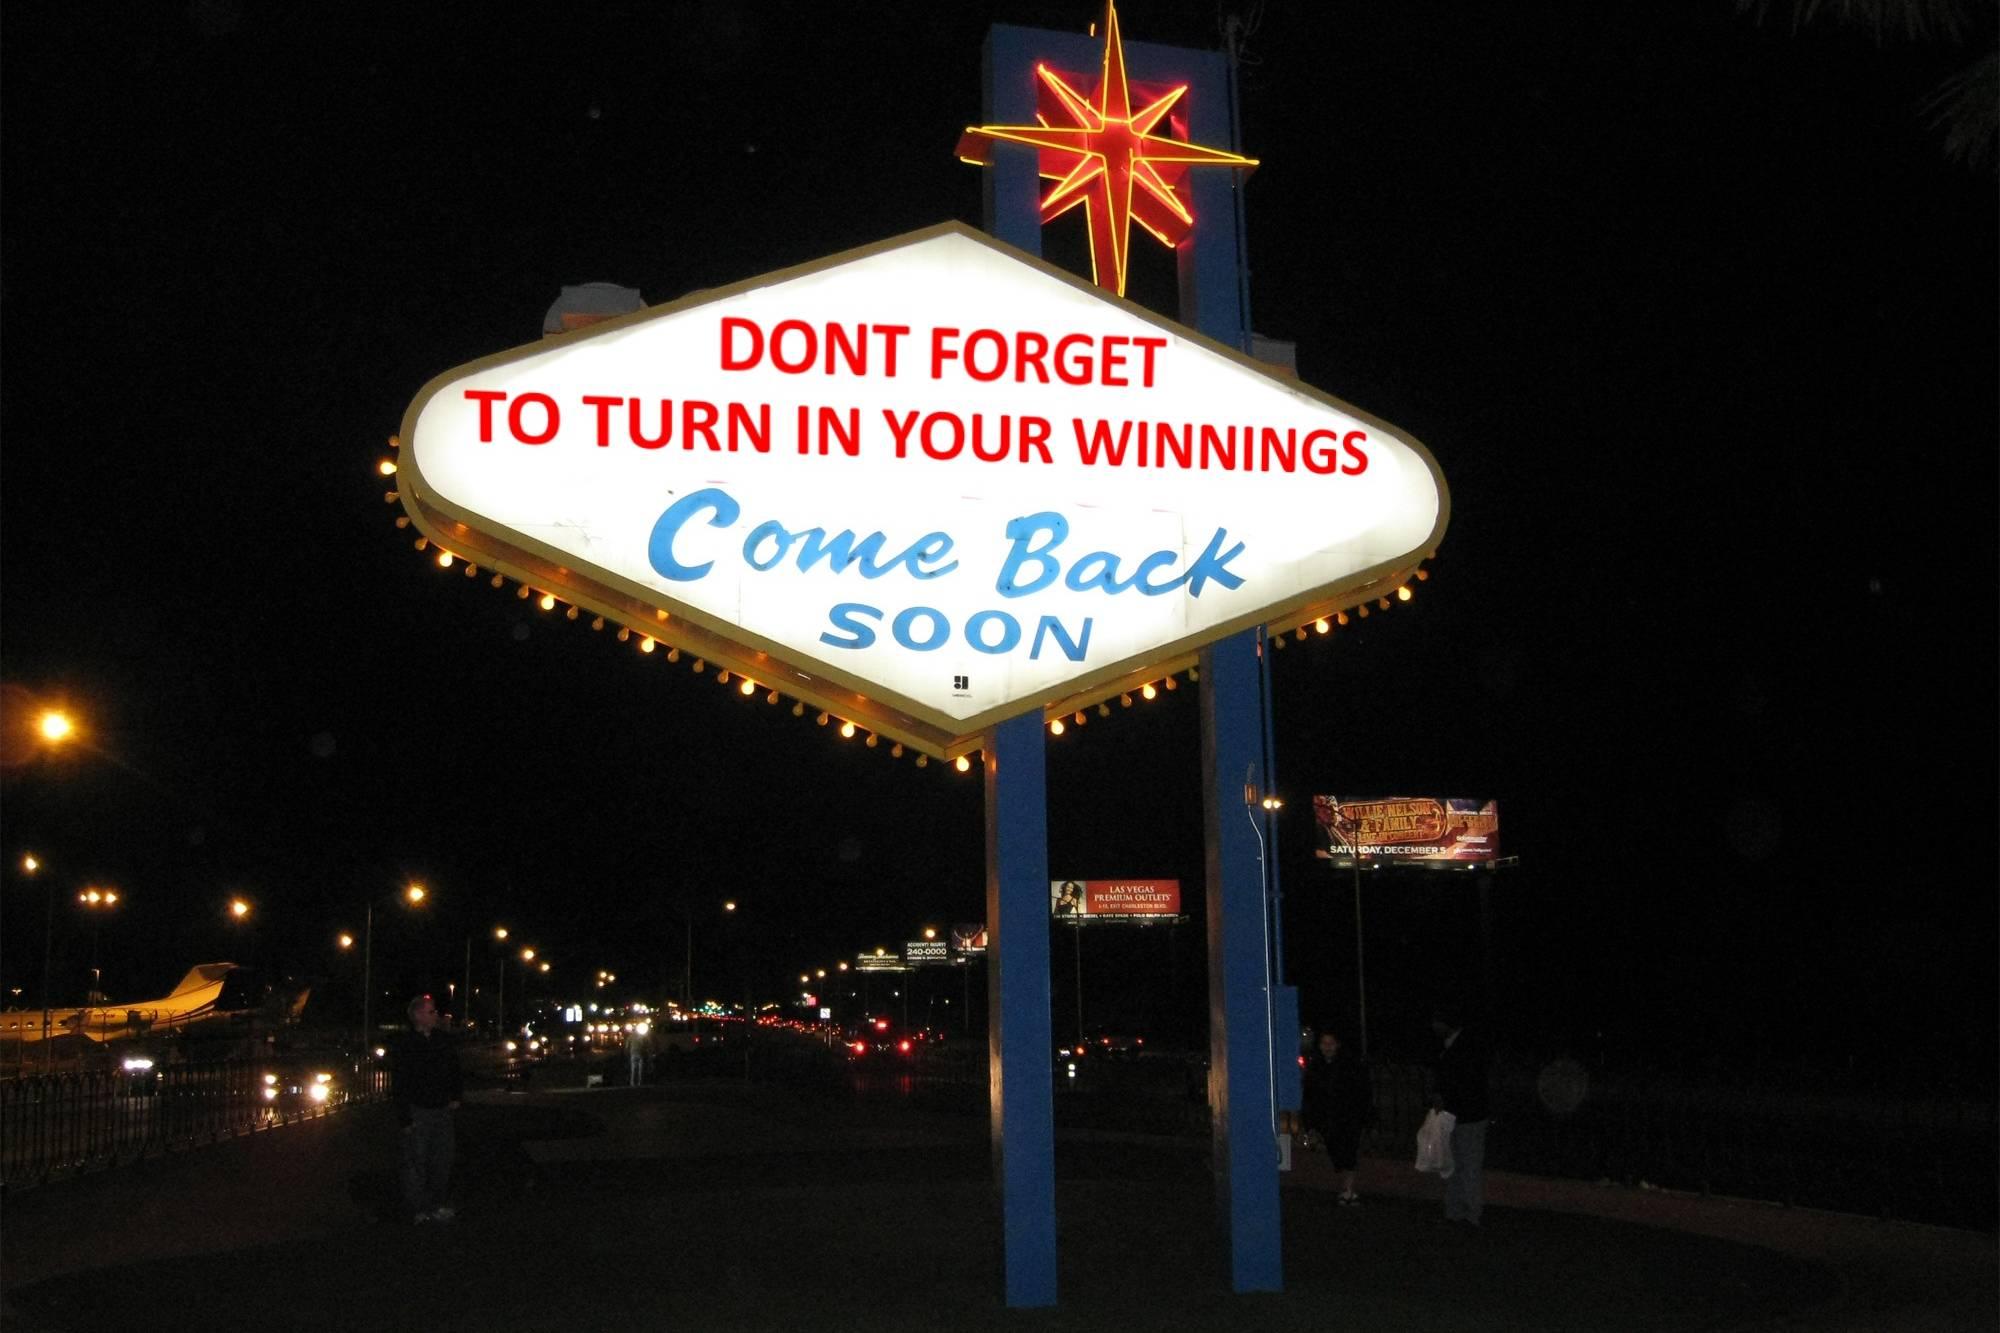 Casinos Mandating Losing